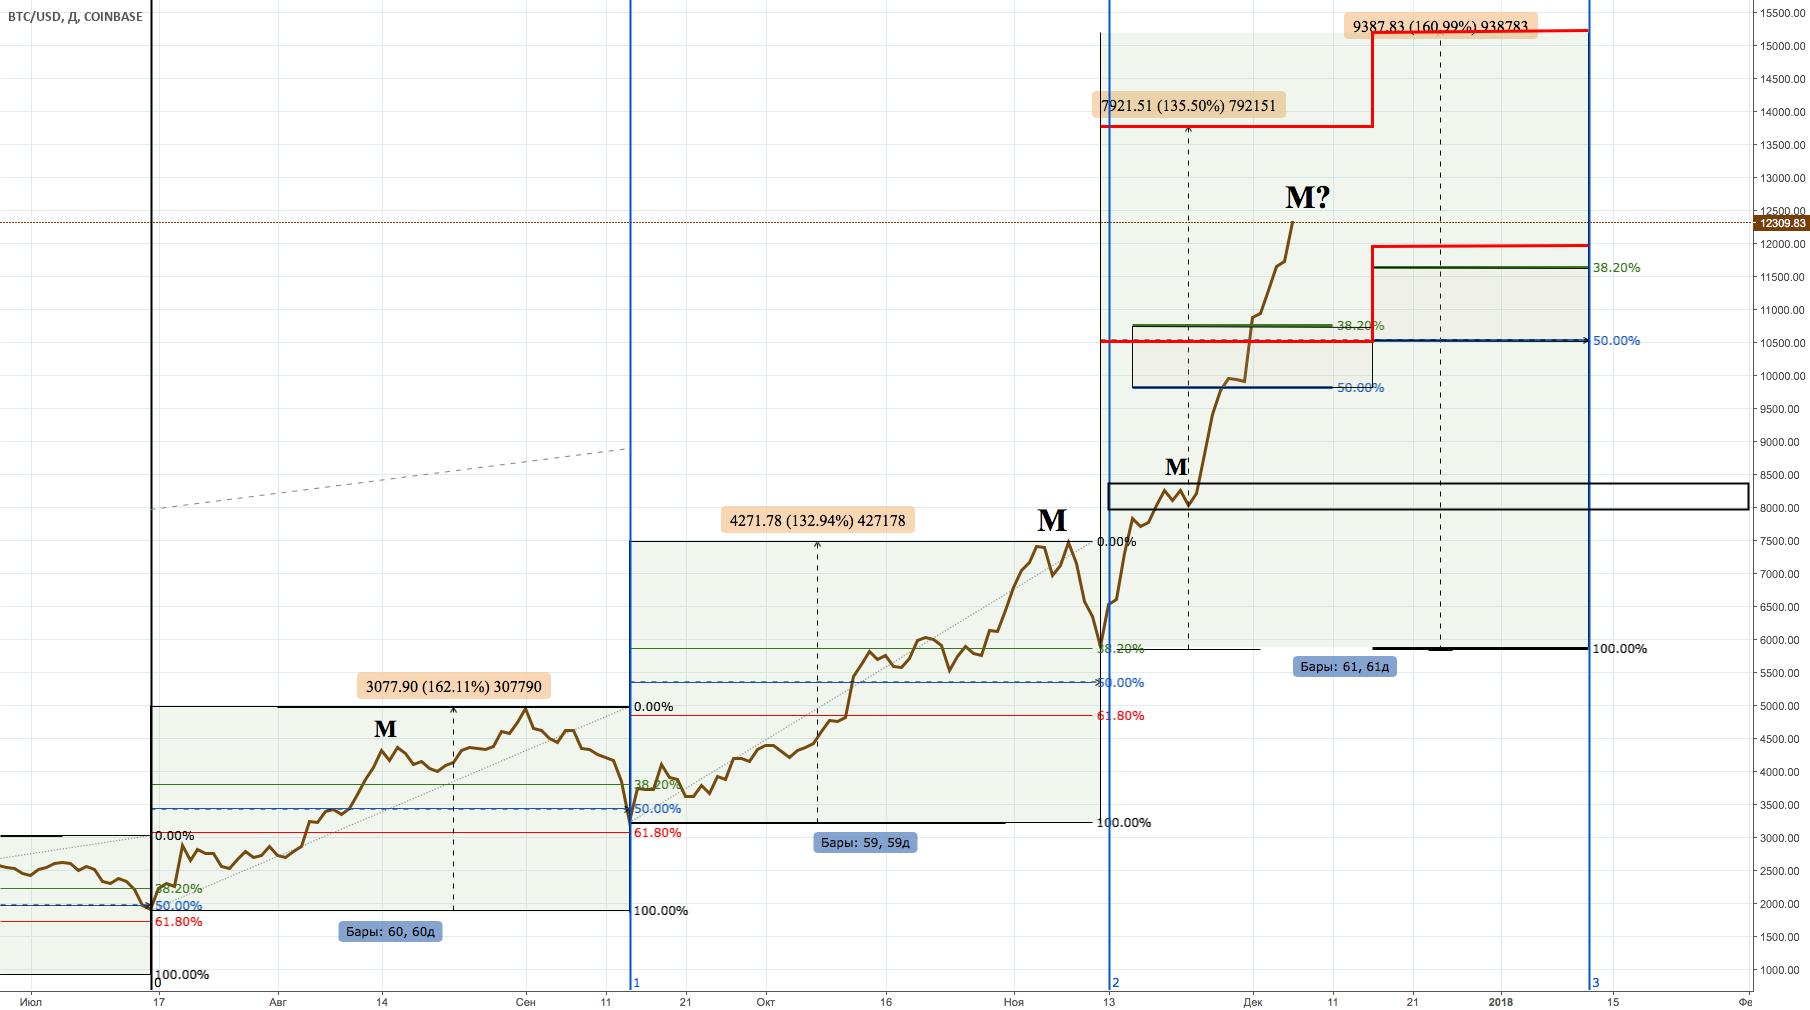 Биткоин Тренды и откаты, тенденция роста и падений. BTC. BTC/USD